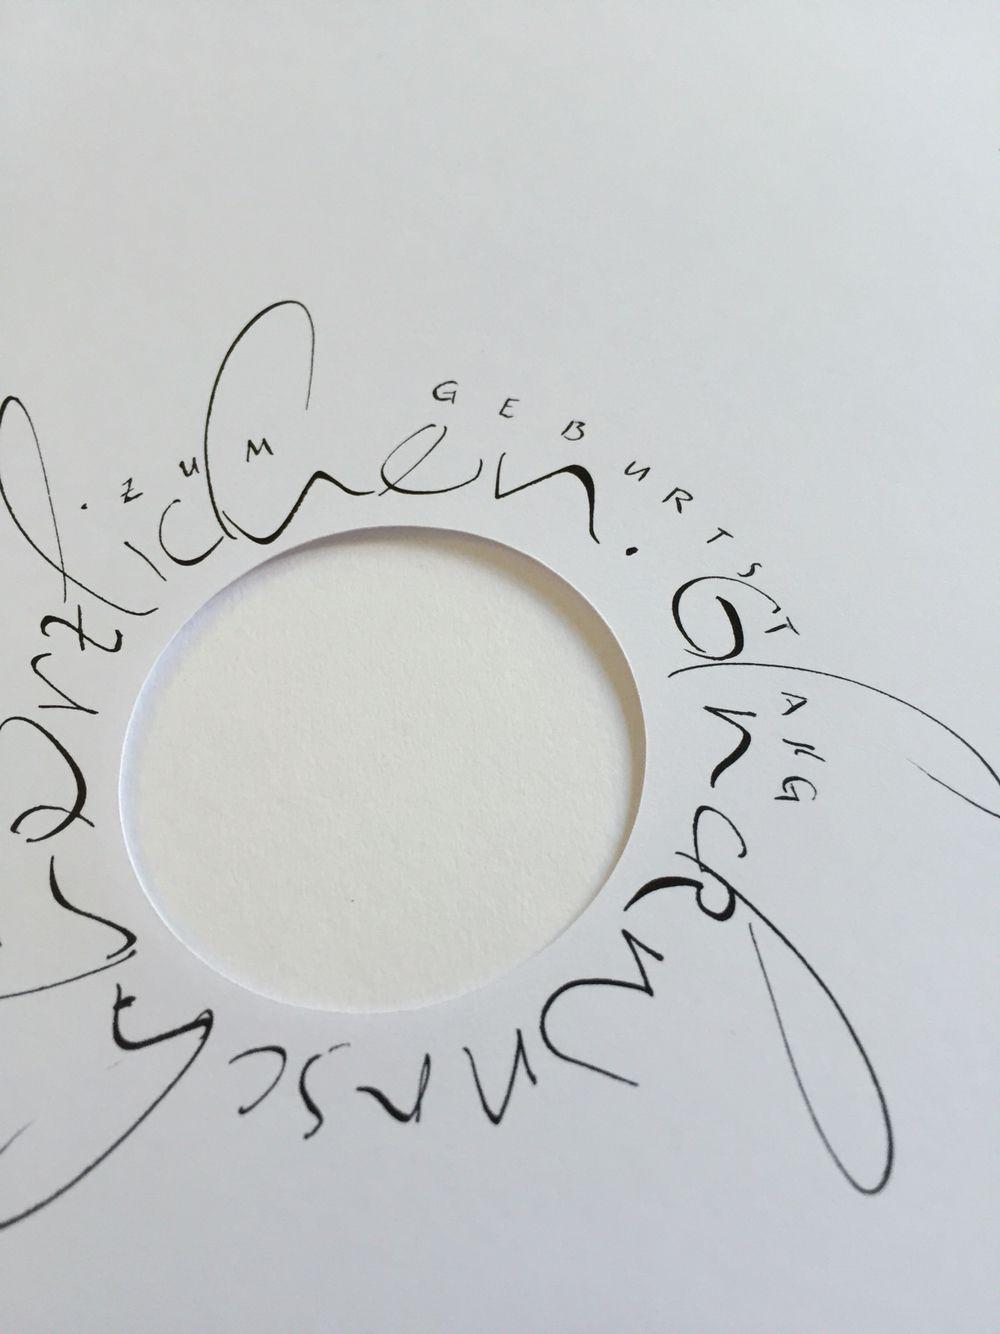 Ein Kartentraum Entsteht Glasmalerei Ein Kartentraum Entsteht Ein Entsteht Glasmalerei Kartentra In 2020 Karten Gluckwunschkarte Geburtstag Kreativer Schriftzug